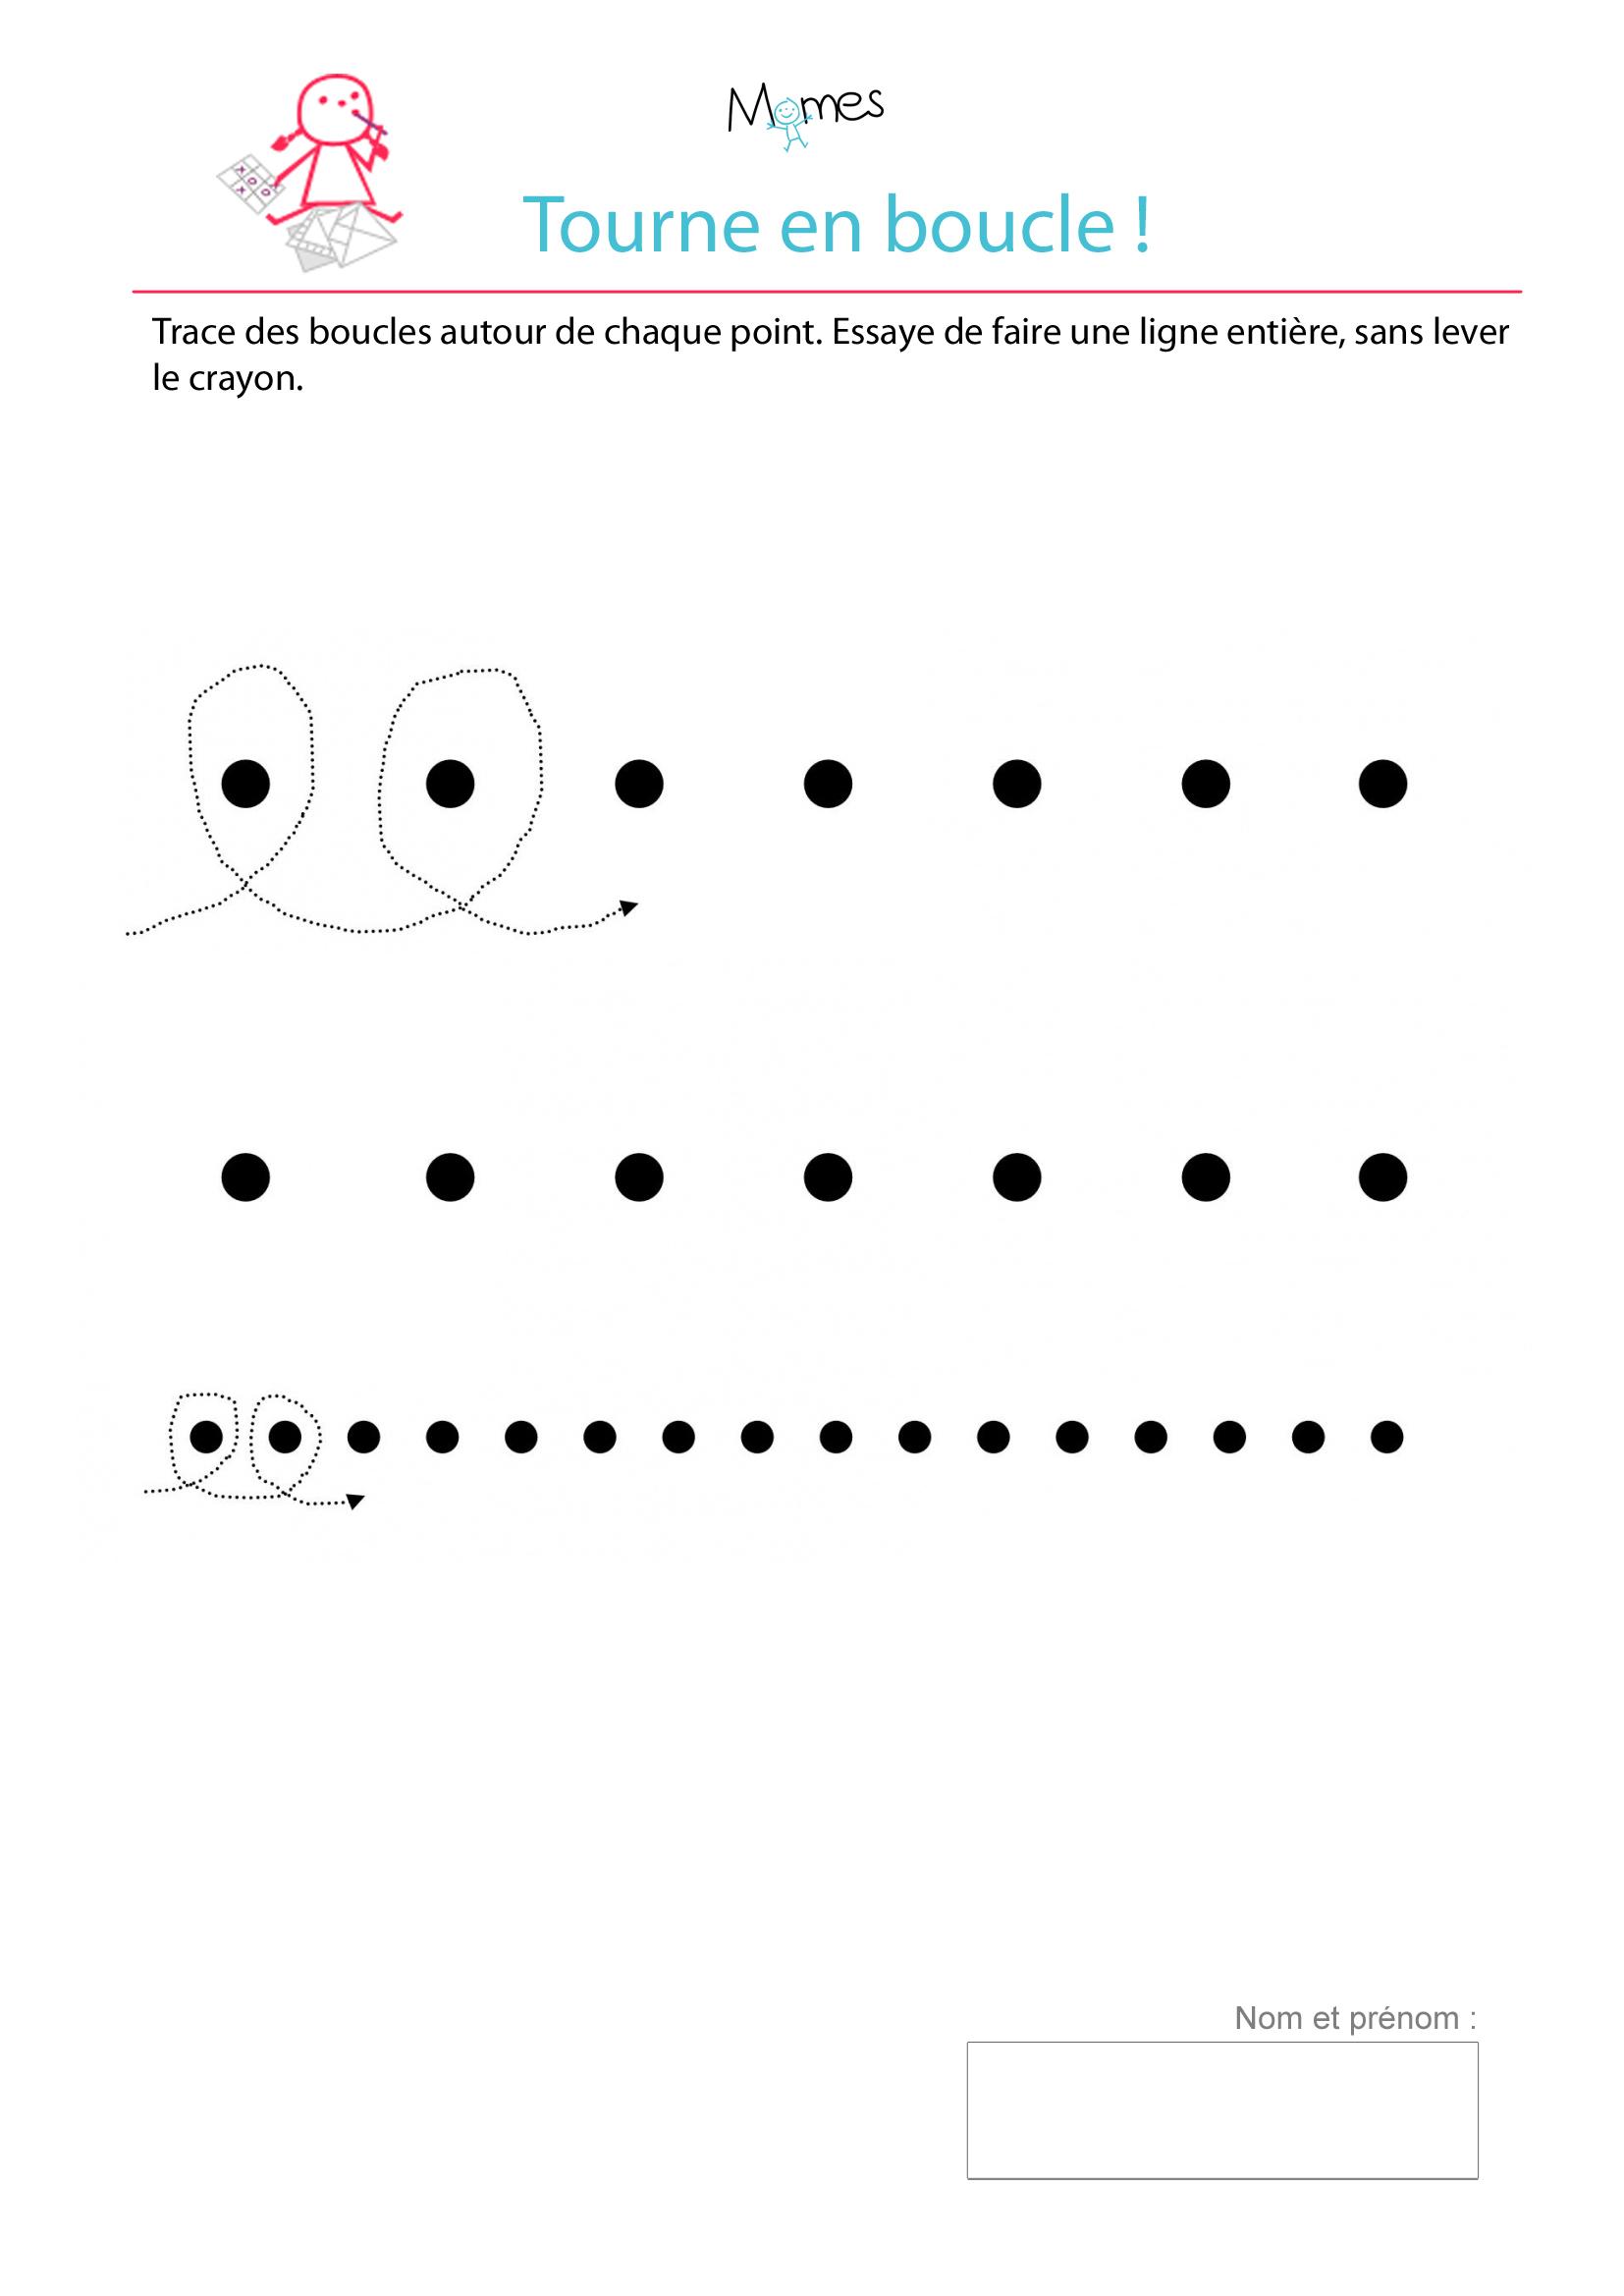 Exercice D'écriture : Tracer Des Boucles Autour De Points encequiconcerne Apprendre Ecriture Maternelle